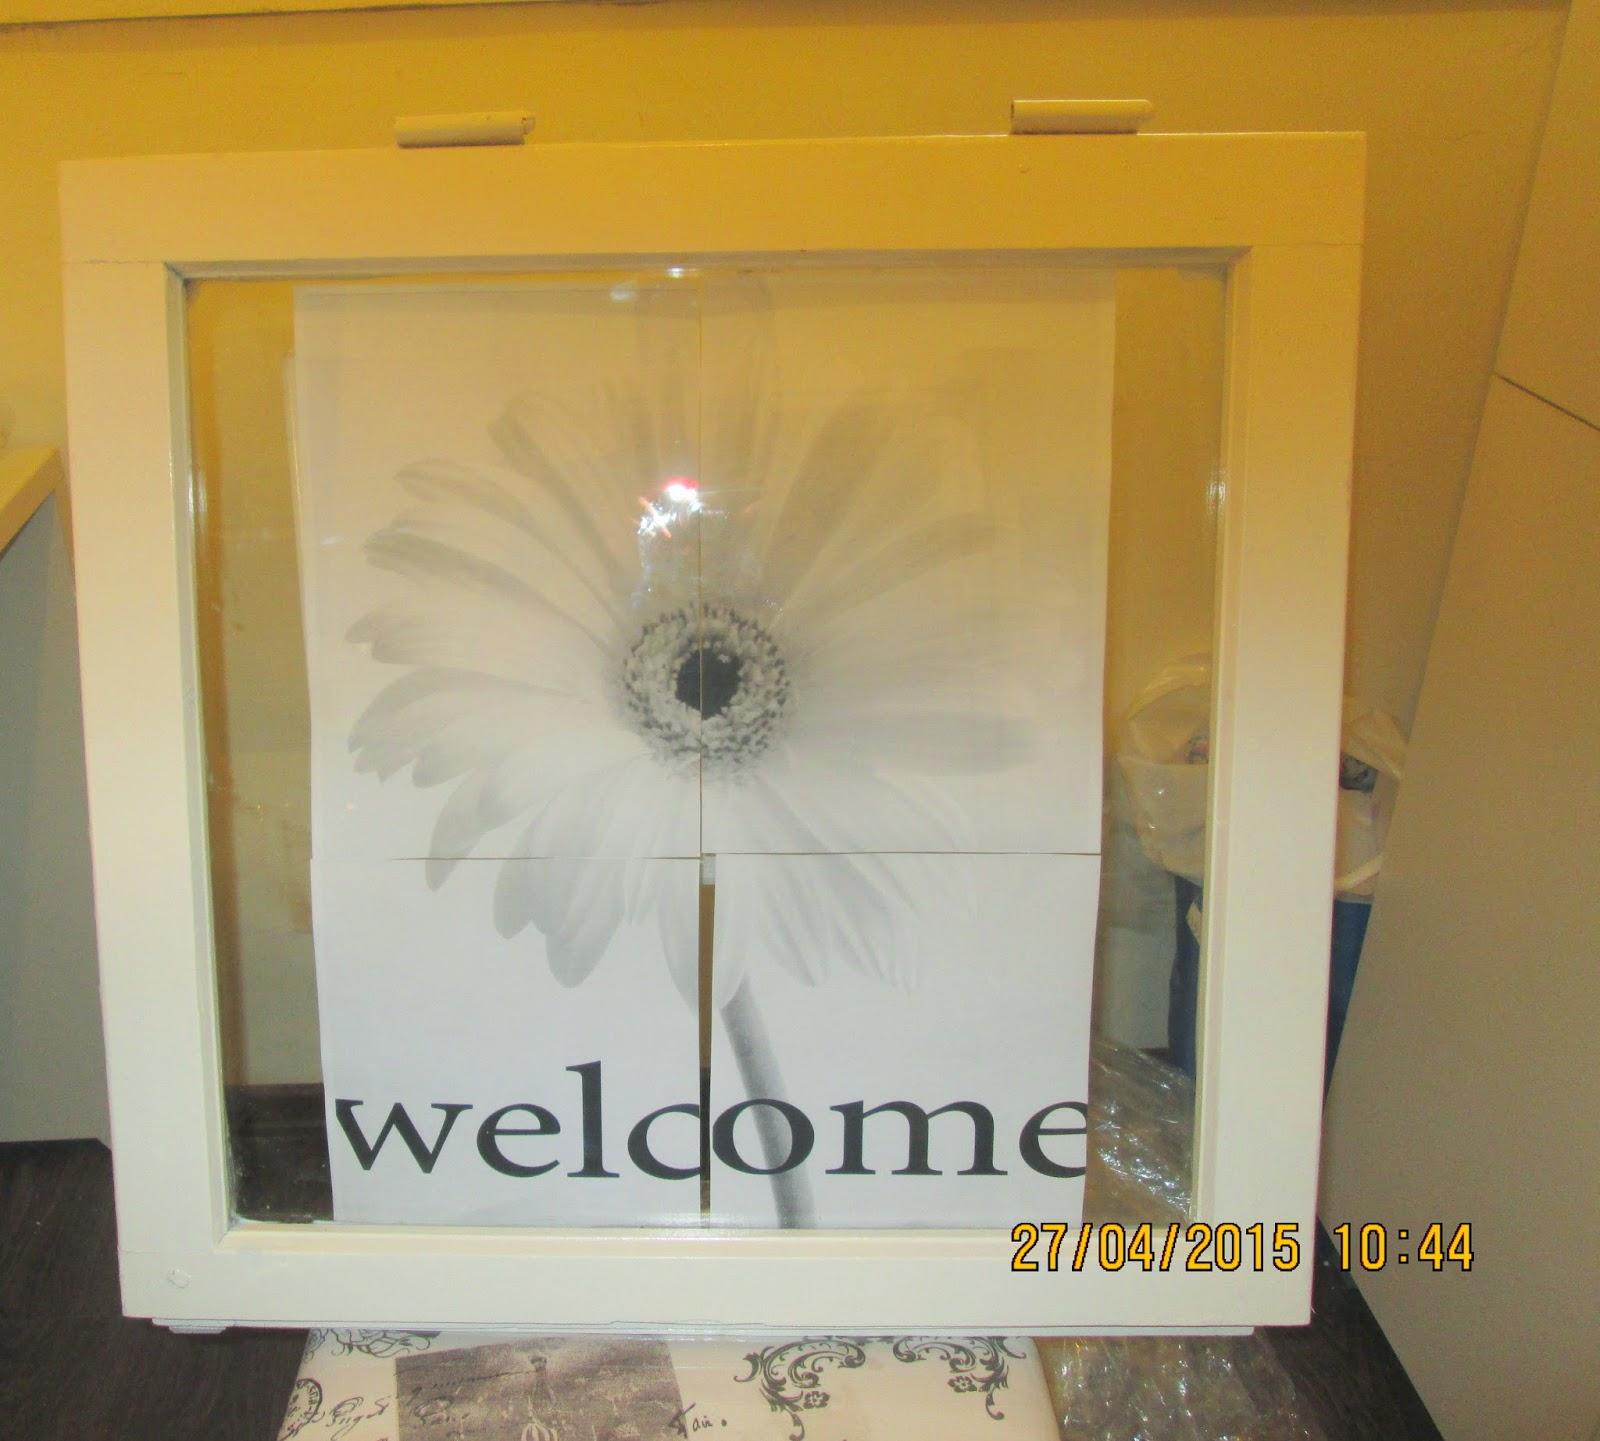 IMG 0004 - מה עושים עם חלון ישן?